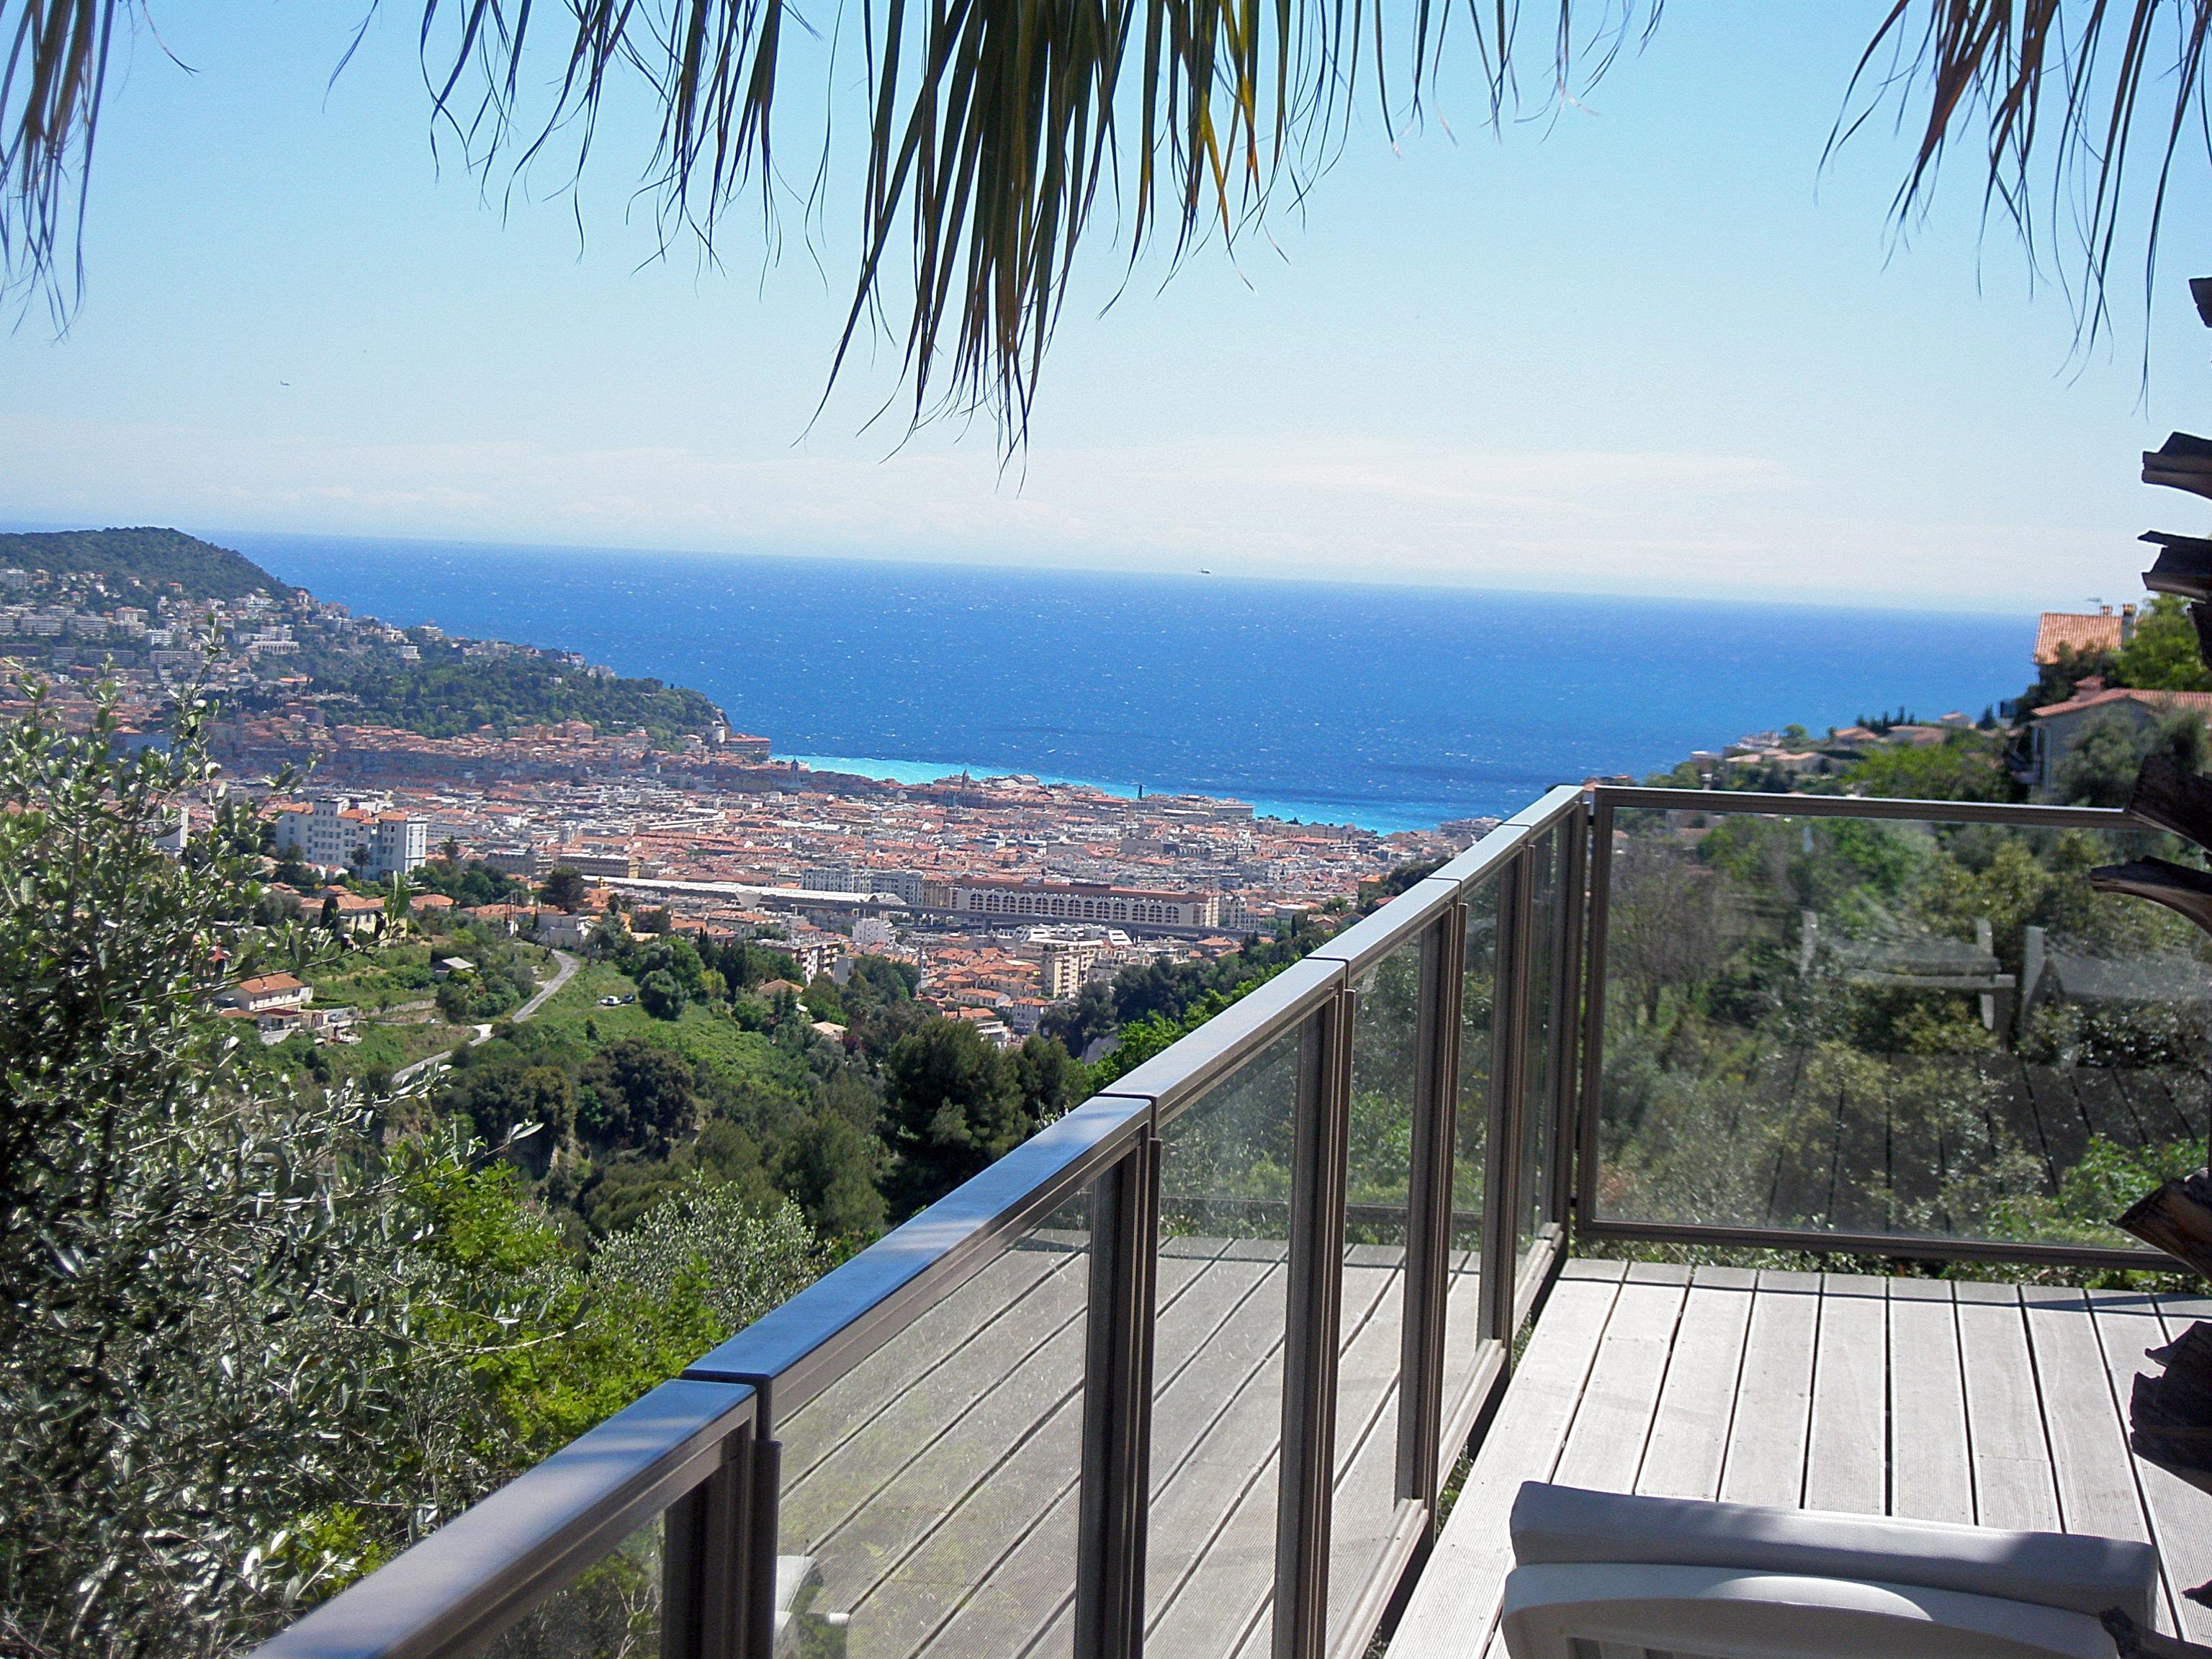 Ferienhaus Panoramavilla La Citronneraie (778998), Nizza, Côte d'Azur, Provence - Alpen - Côte d'Azur, Frankreich, Bild 21